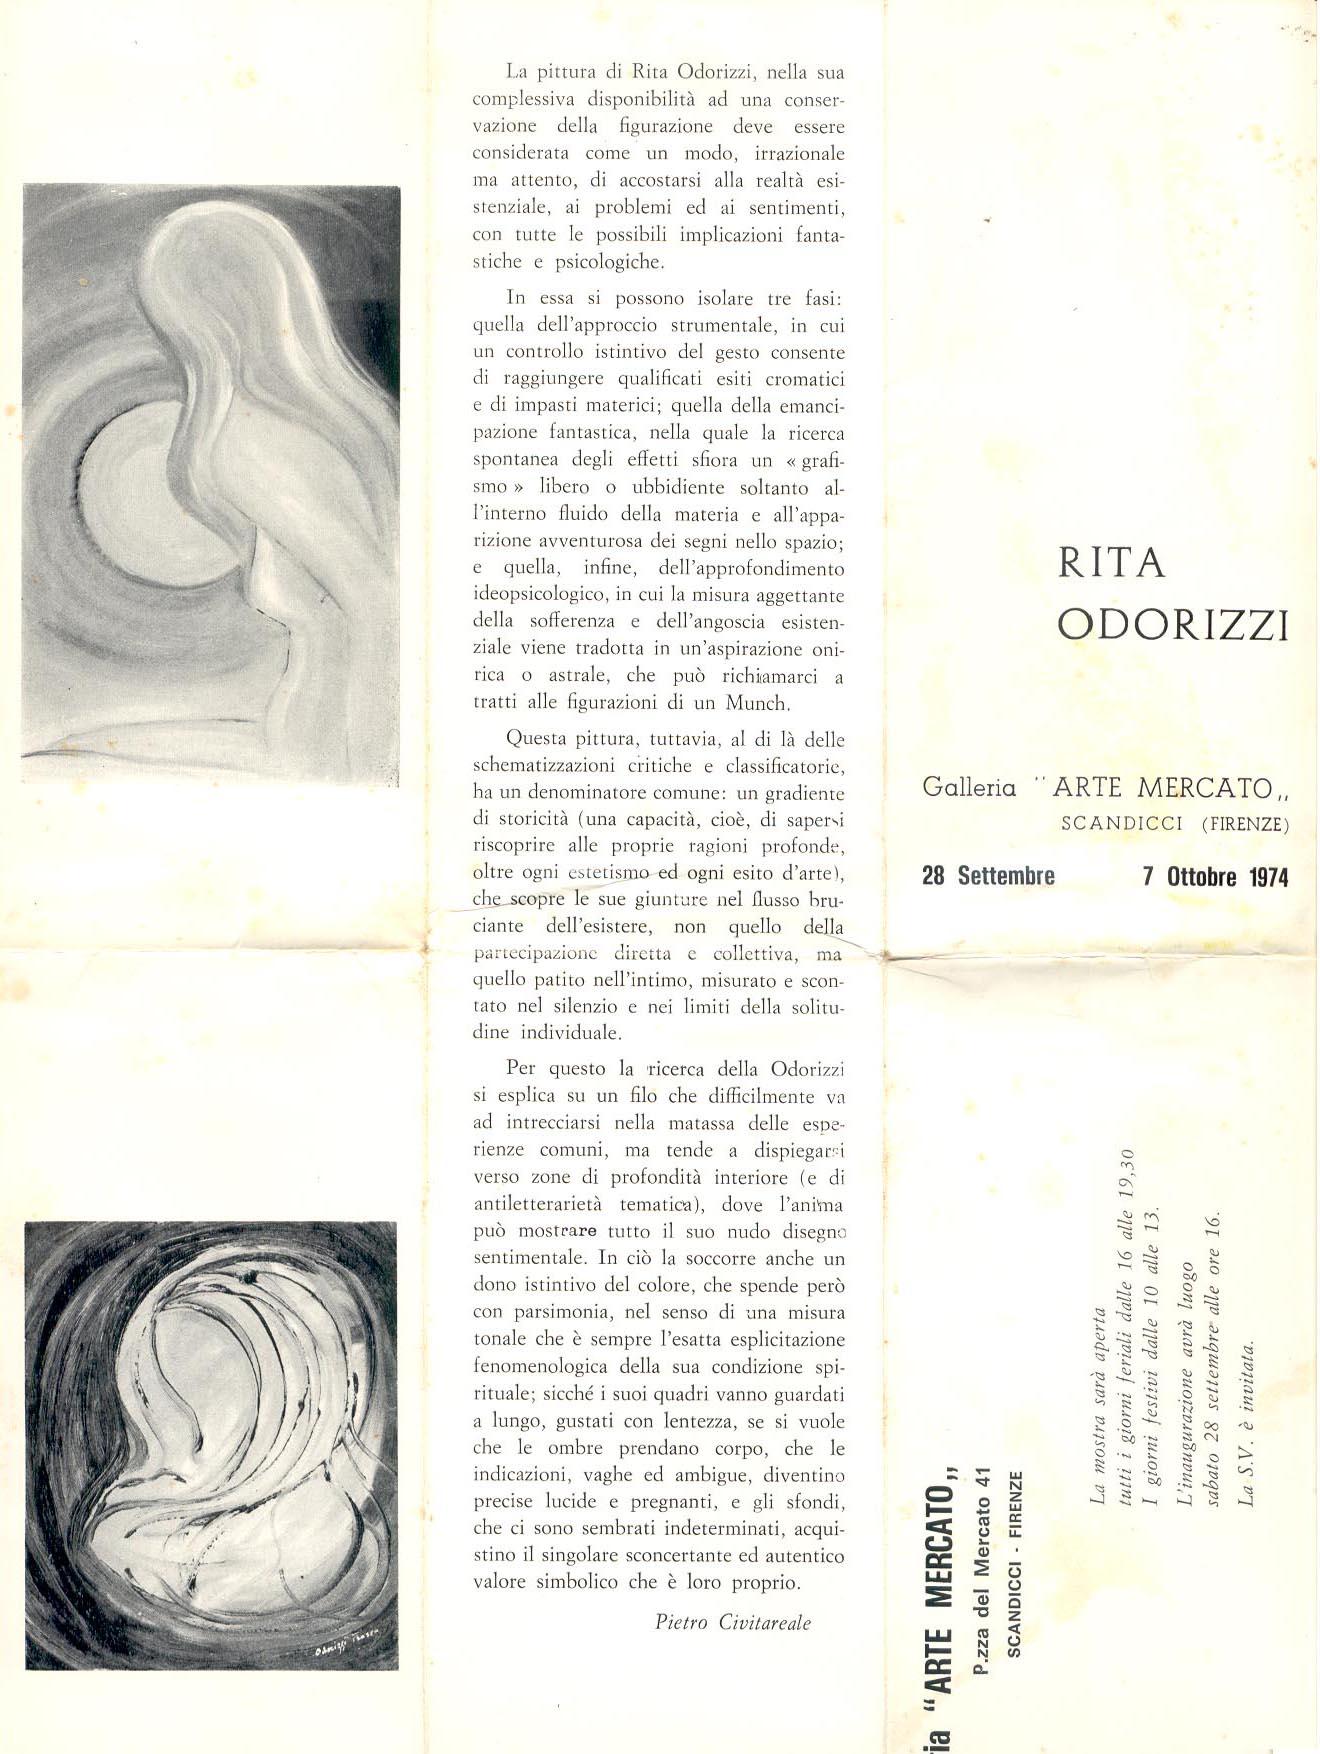 recensione_mostra_rita_frasca_odorizzi_1974_pietro_civitareale